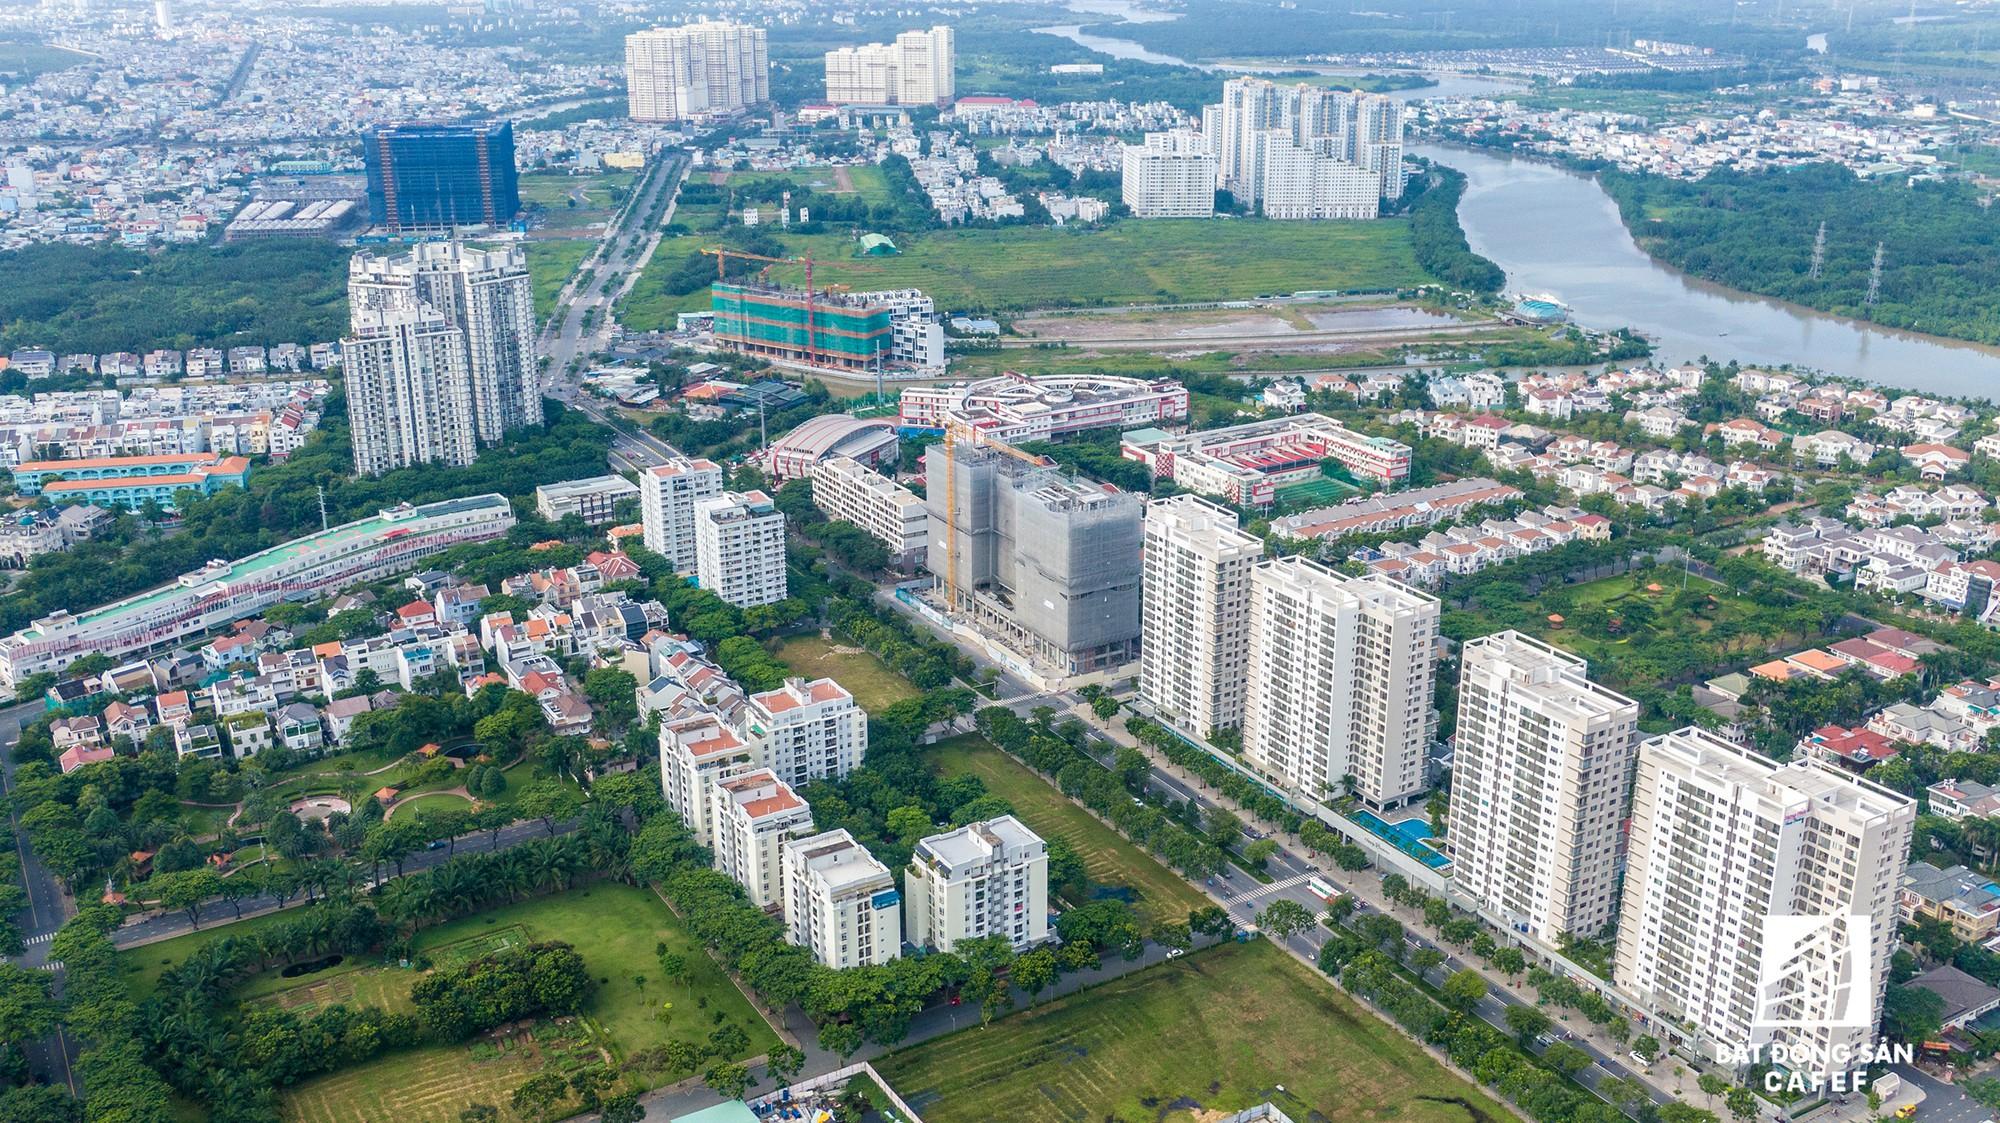 Có một trung tâm tài chính tại khu Nam Sài Gòn - Nơi giá nhà tăng chóng mặt - Ảnh 6.